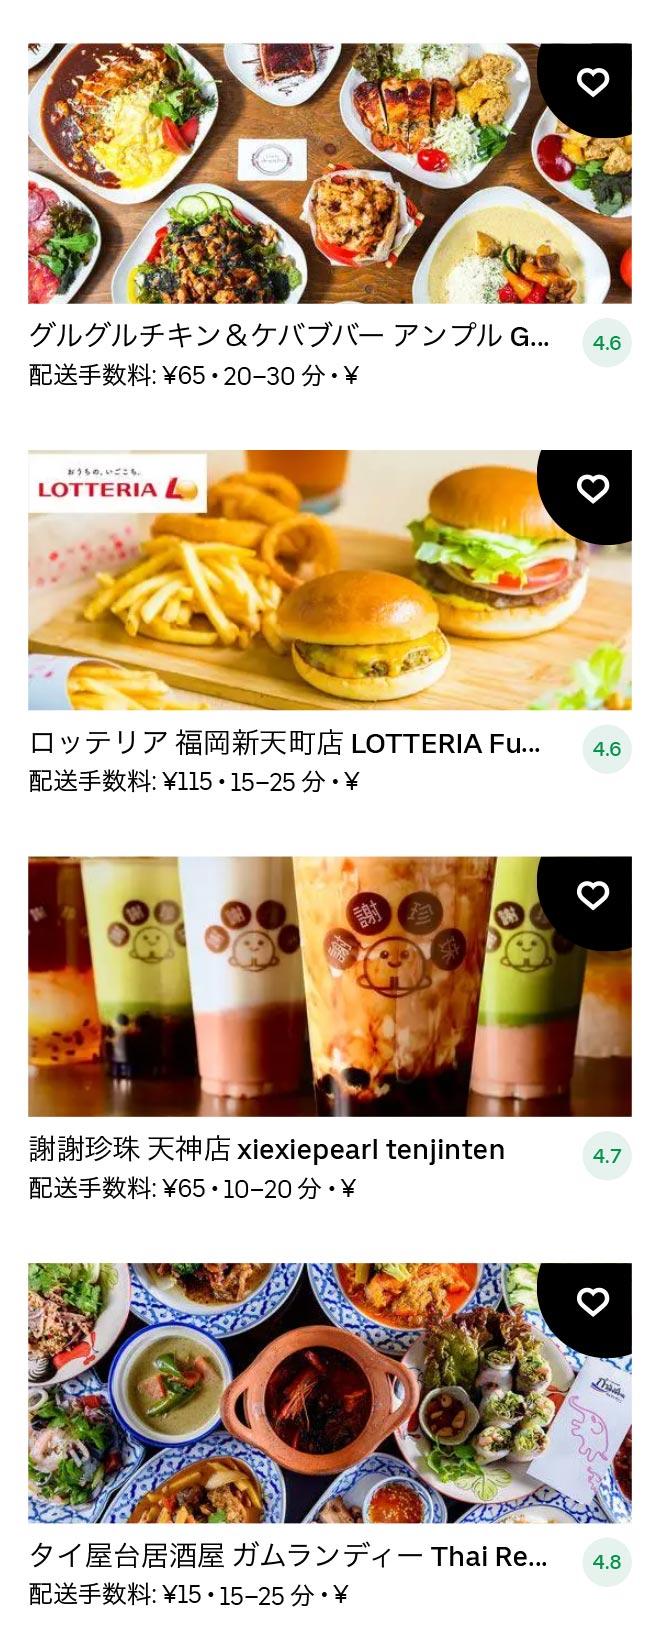 Akasaka menu 2101 03